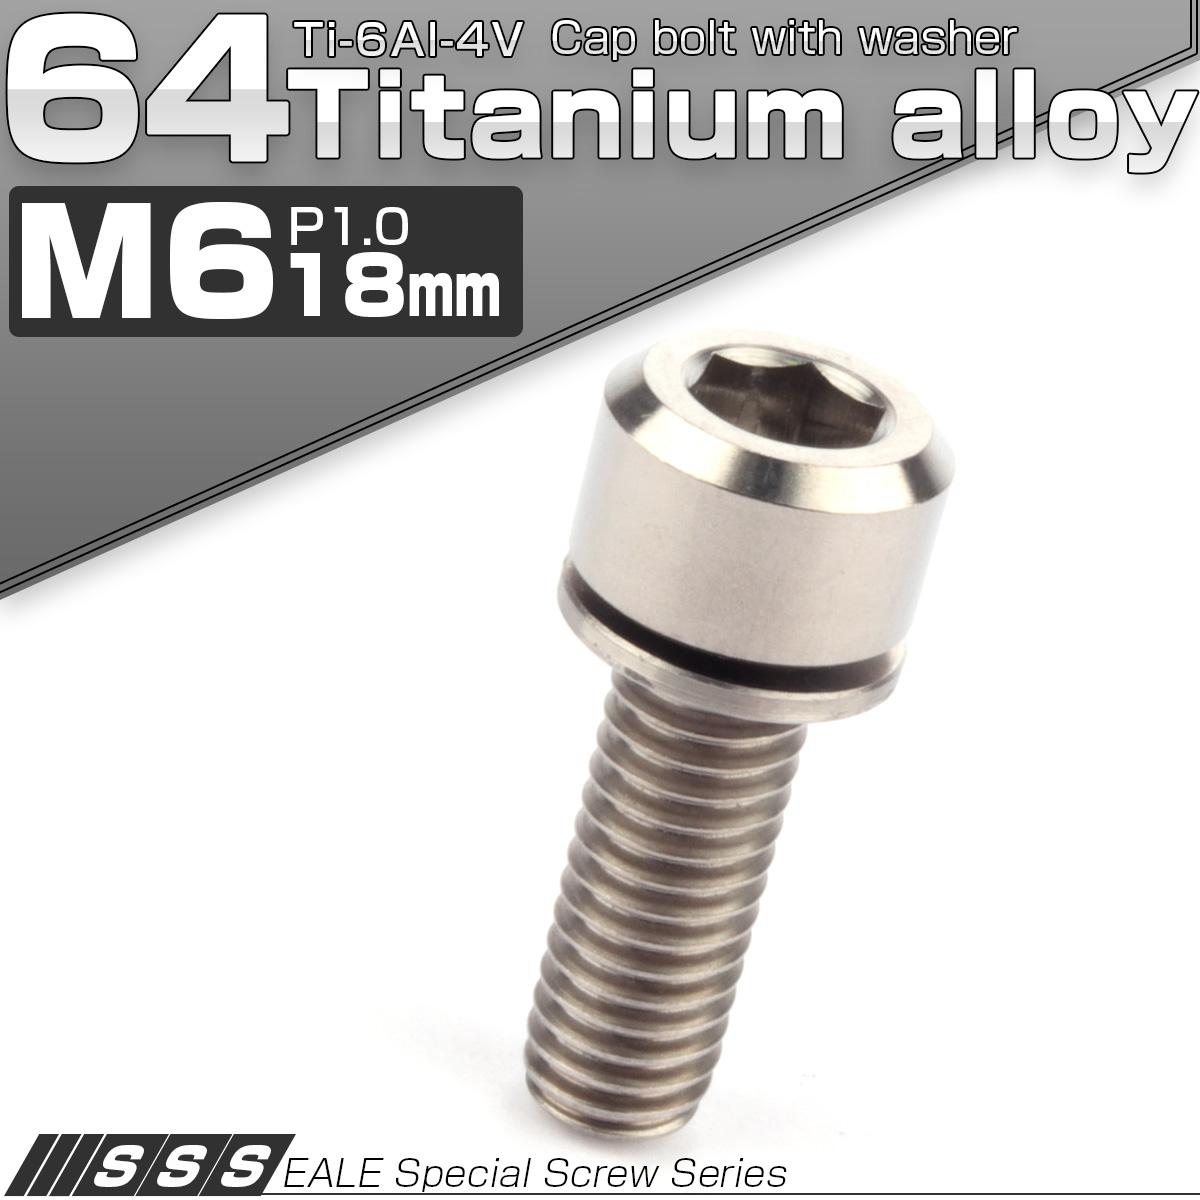 64チタンボルト M6 18mm P1.0 ワッシャー付き キャップボルト 六角穴 チタン原色 JA325